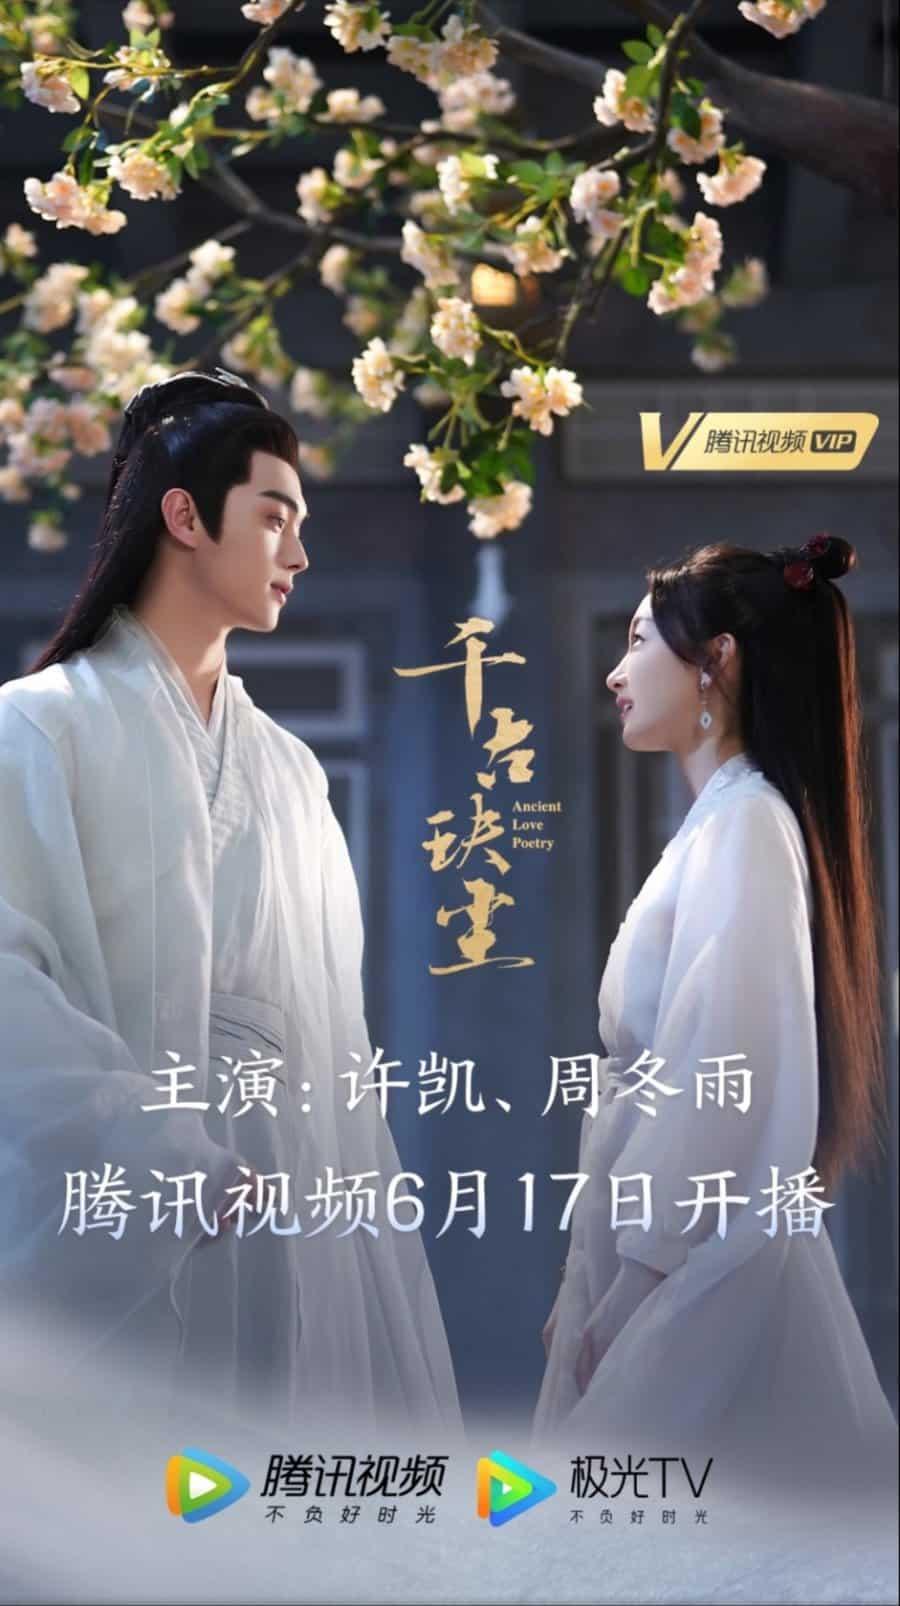 Ancient Love Poetry (2021) ตำนานรักสองสวรรค์ ซับไทย EP1 – EP49 [จบ]